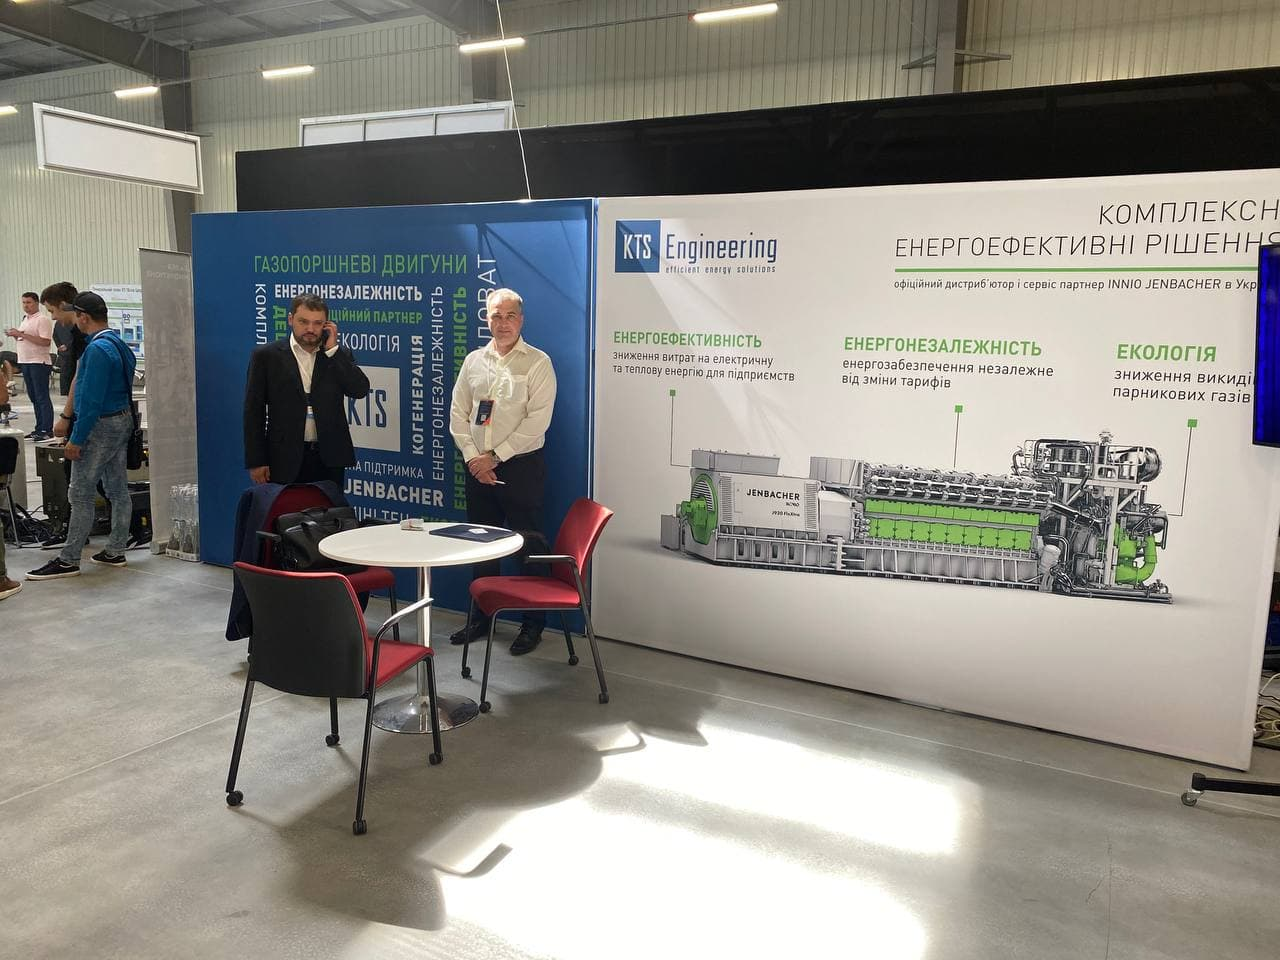 KTS Engineering взяла участь у Форумі інноваційних виробництв